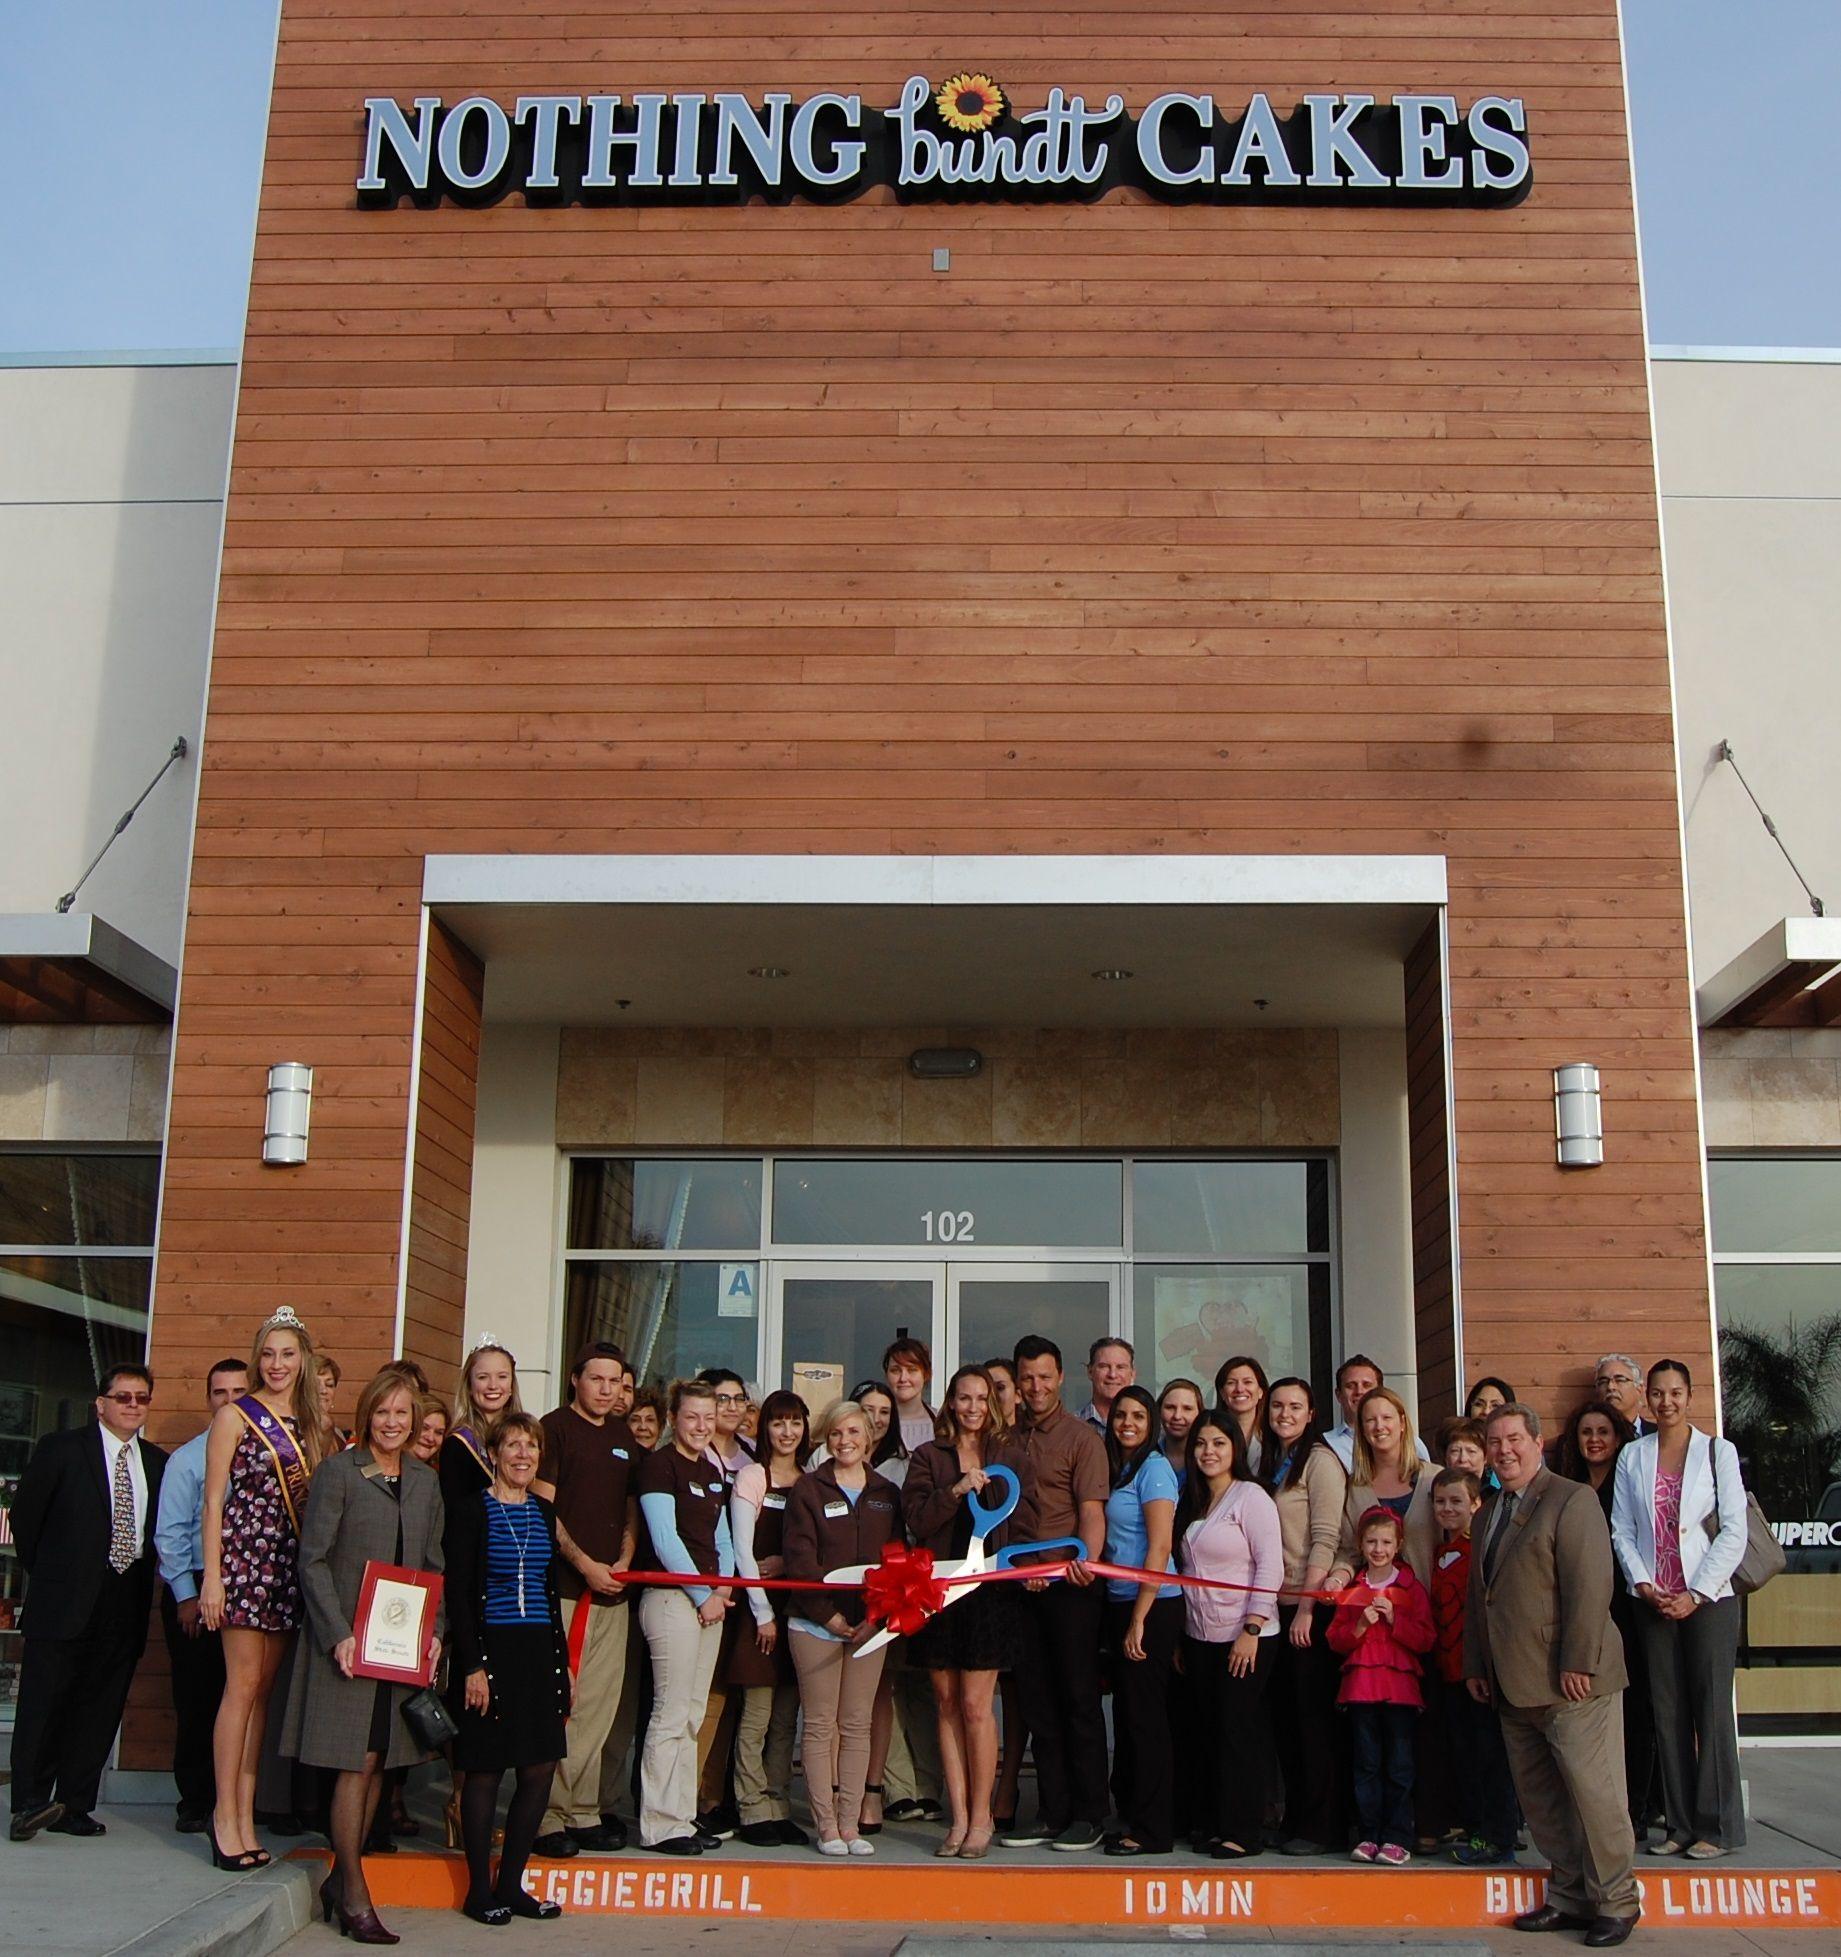 Nothing bundt cakes palomar place wwwnothingbundtcakes